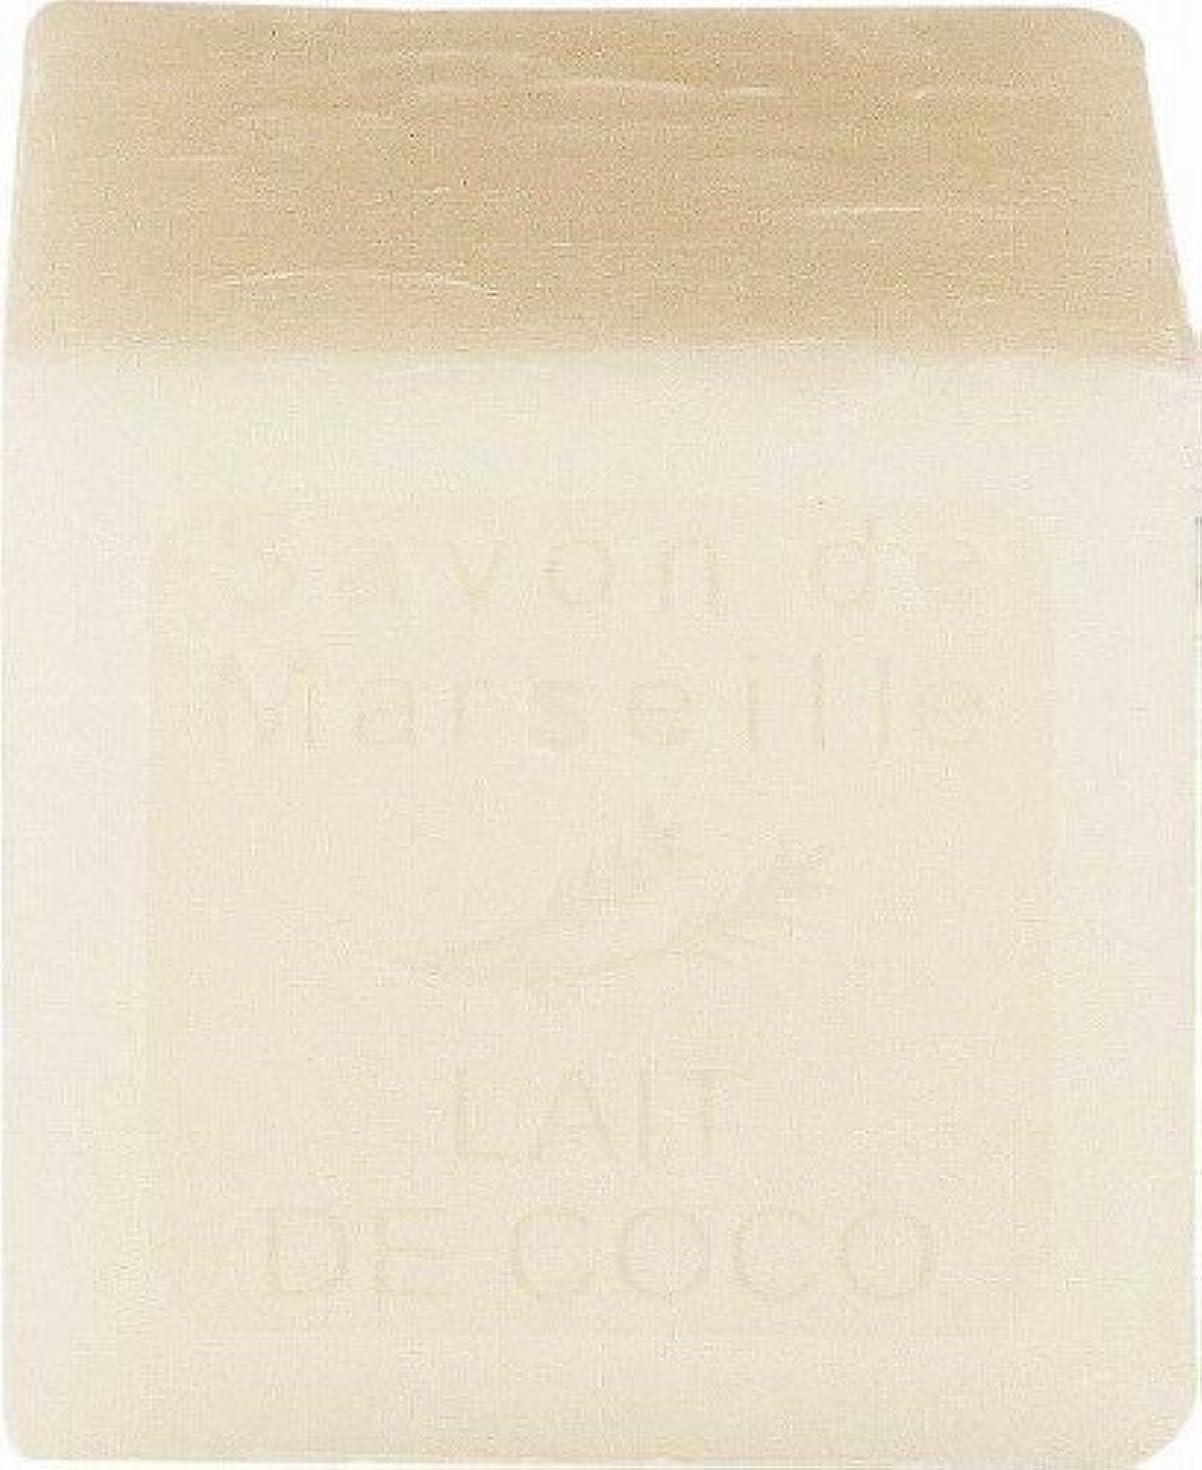 曇った化学者不透明なル?シャトゥラール キューブソープ 100g ココナッツミルク CUBE100